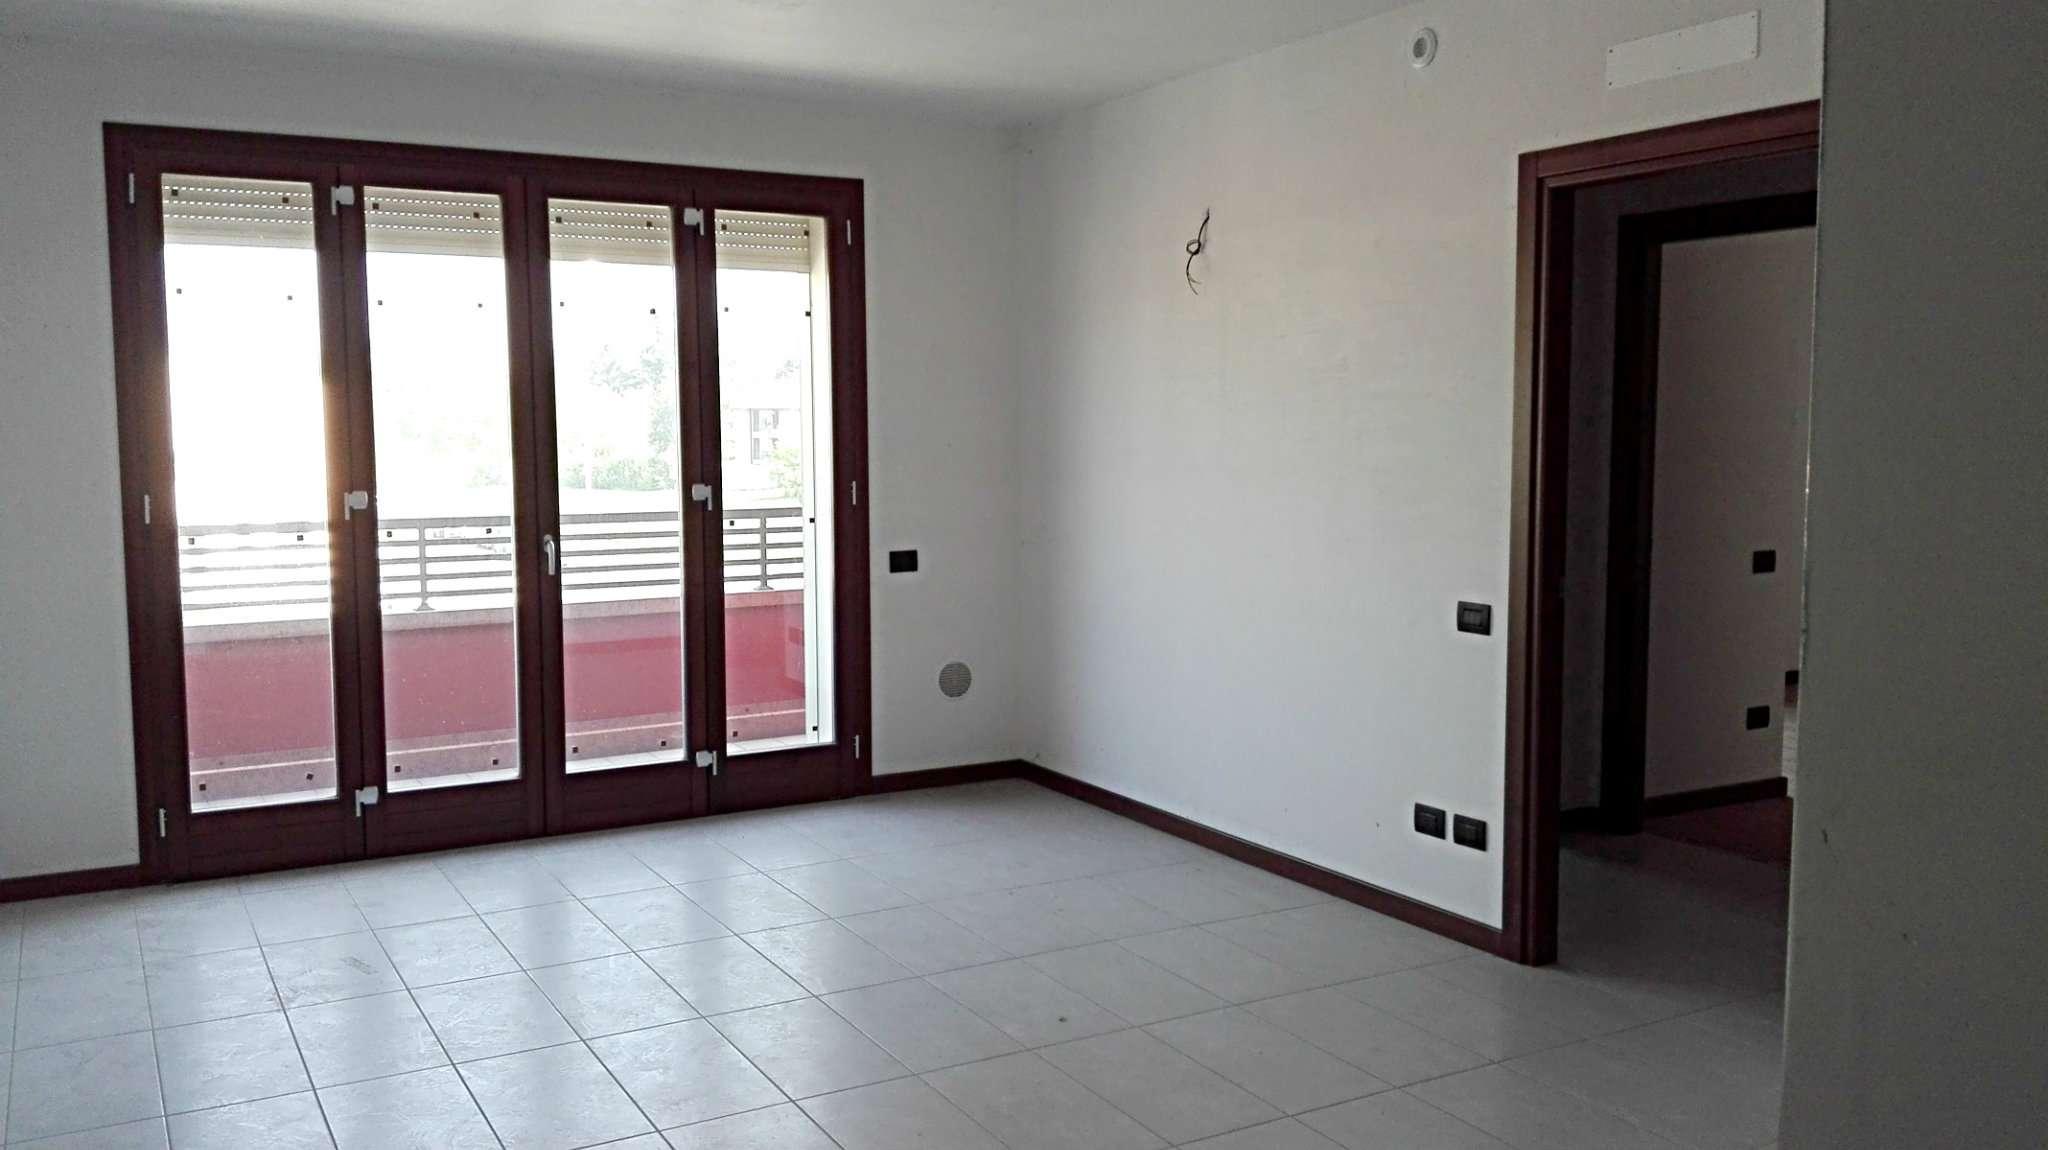 Appartamento in vendita a Nova Milanese, 4 locali, prezzo € 220.000 | CambioCasa.it